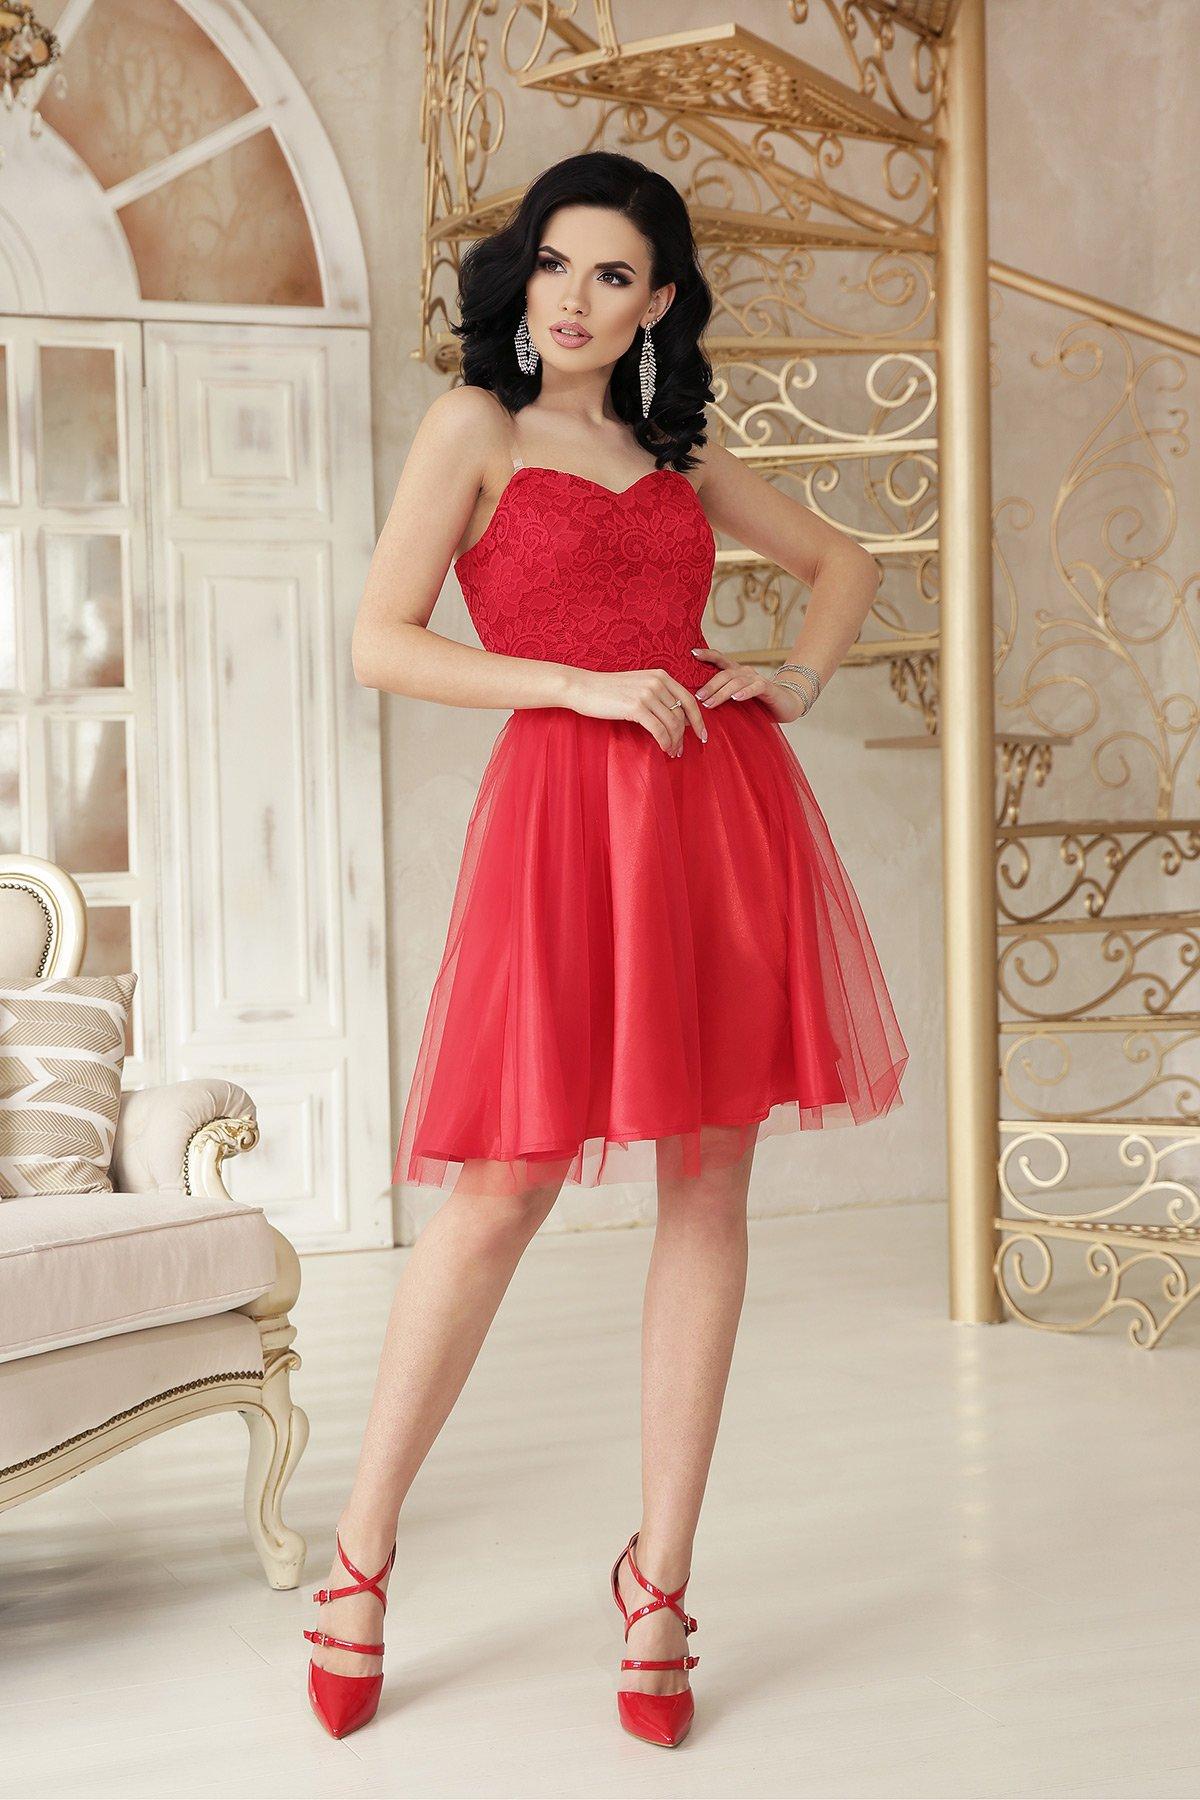 757e532a0ae Червоні сукні жіночі купити недорого онлайн